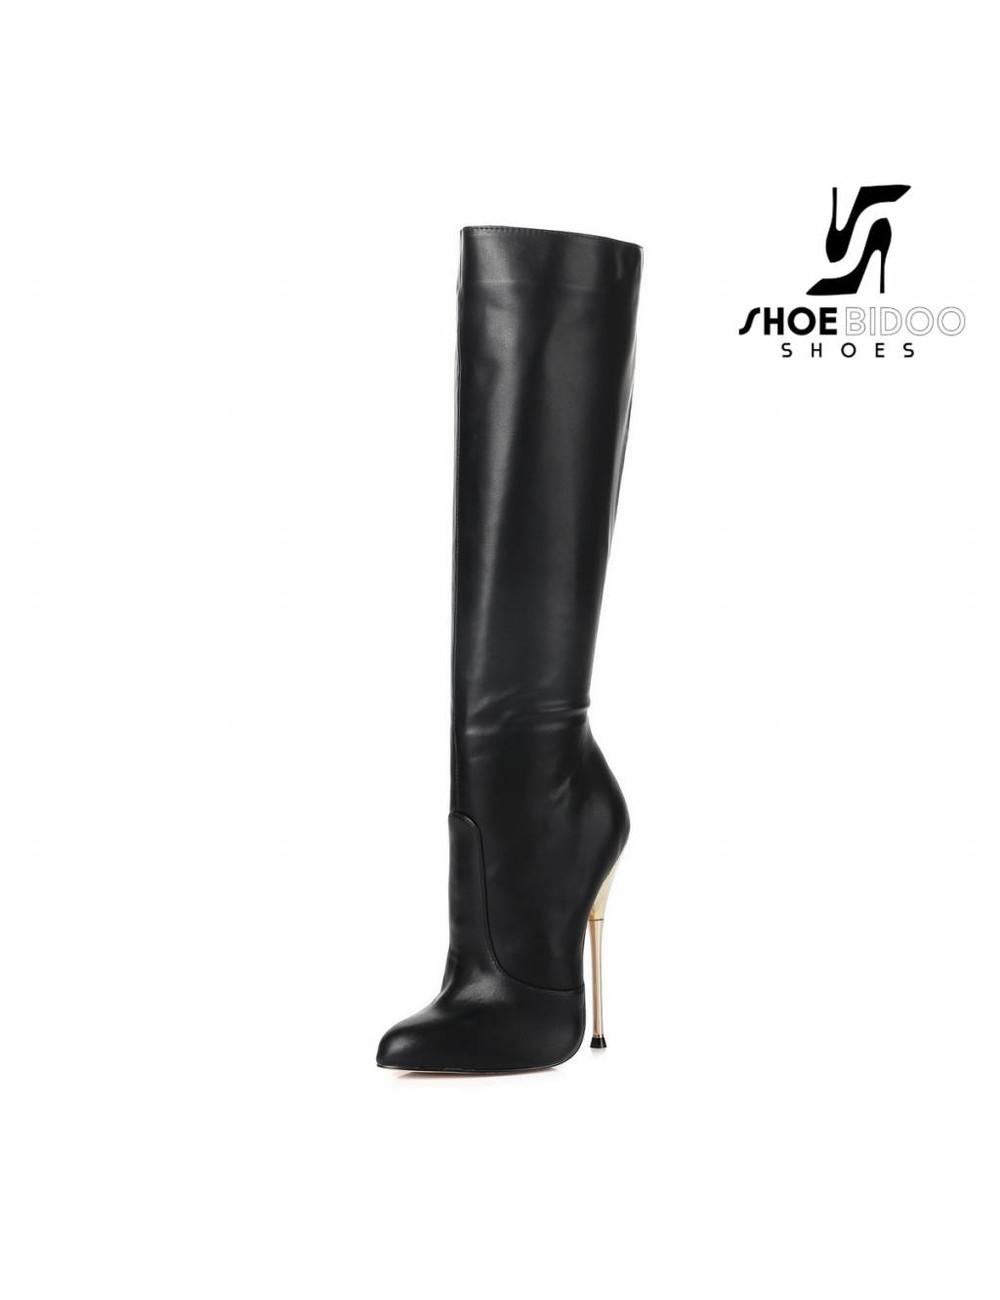 Giaro Zwarte knie laarzen met ultra hoge goud metalen hakken